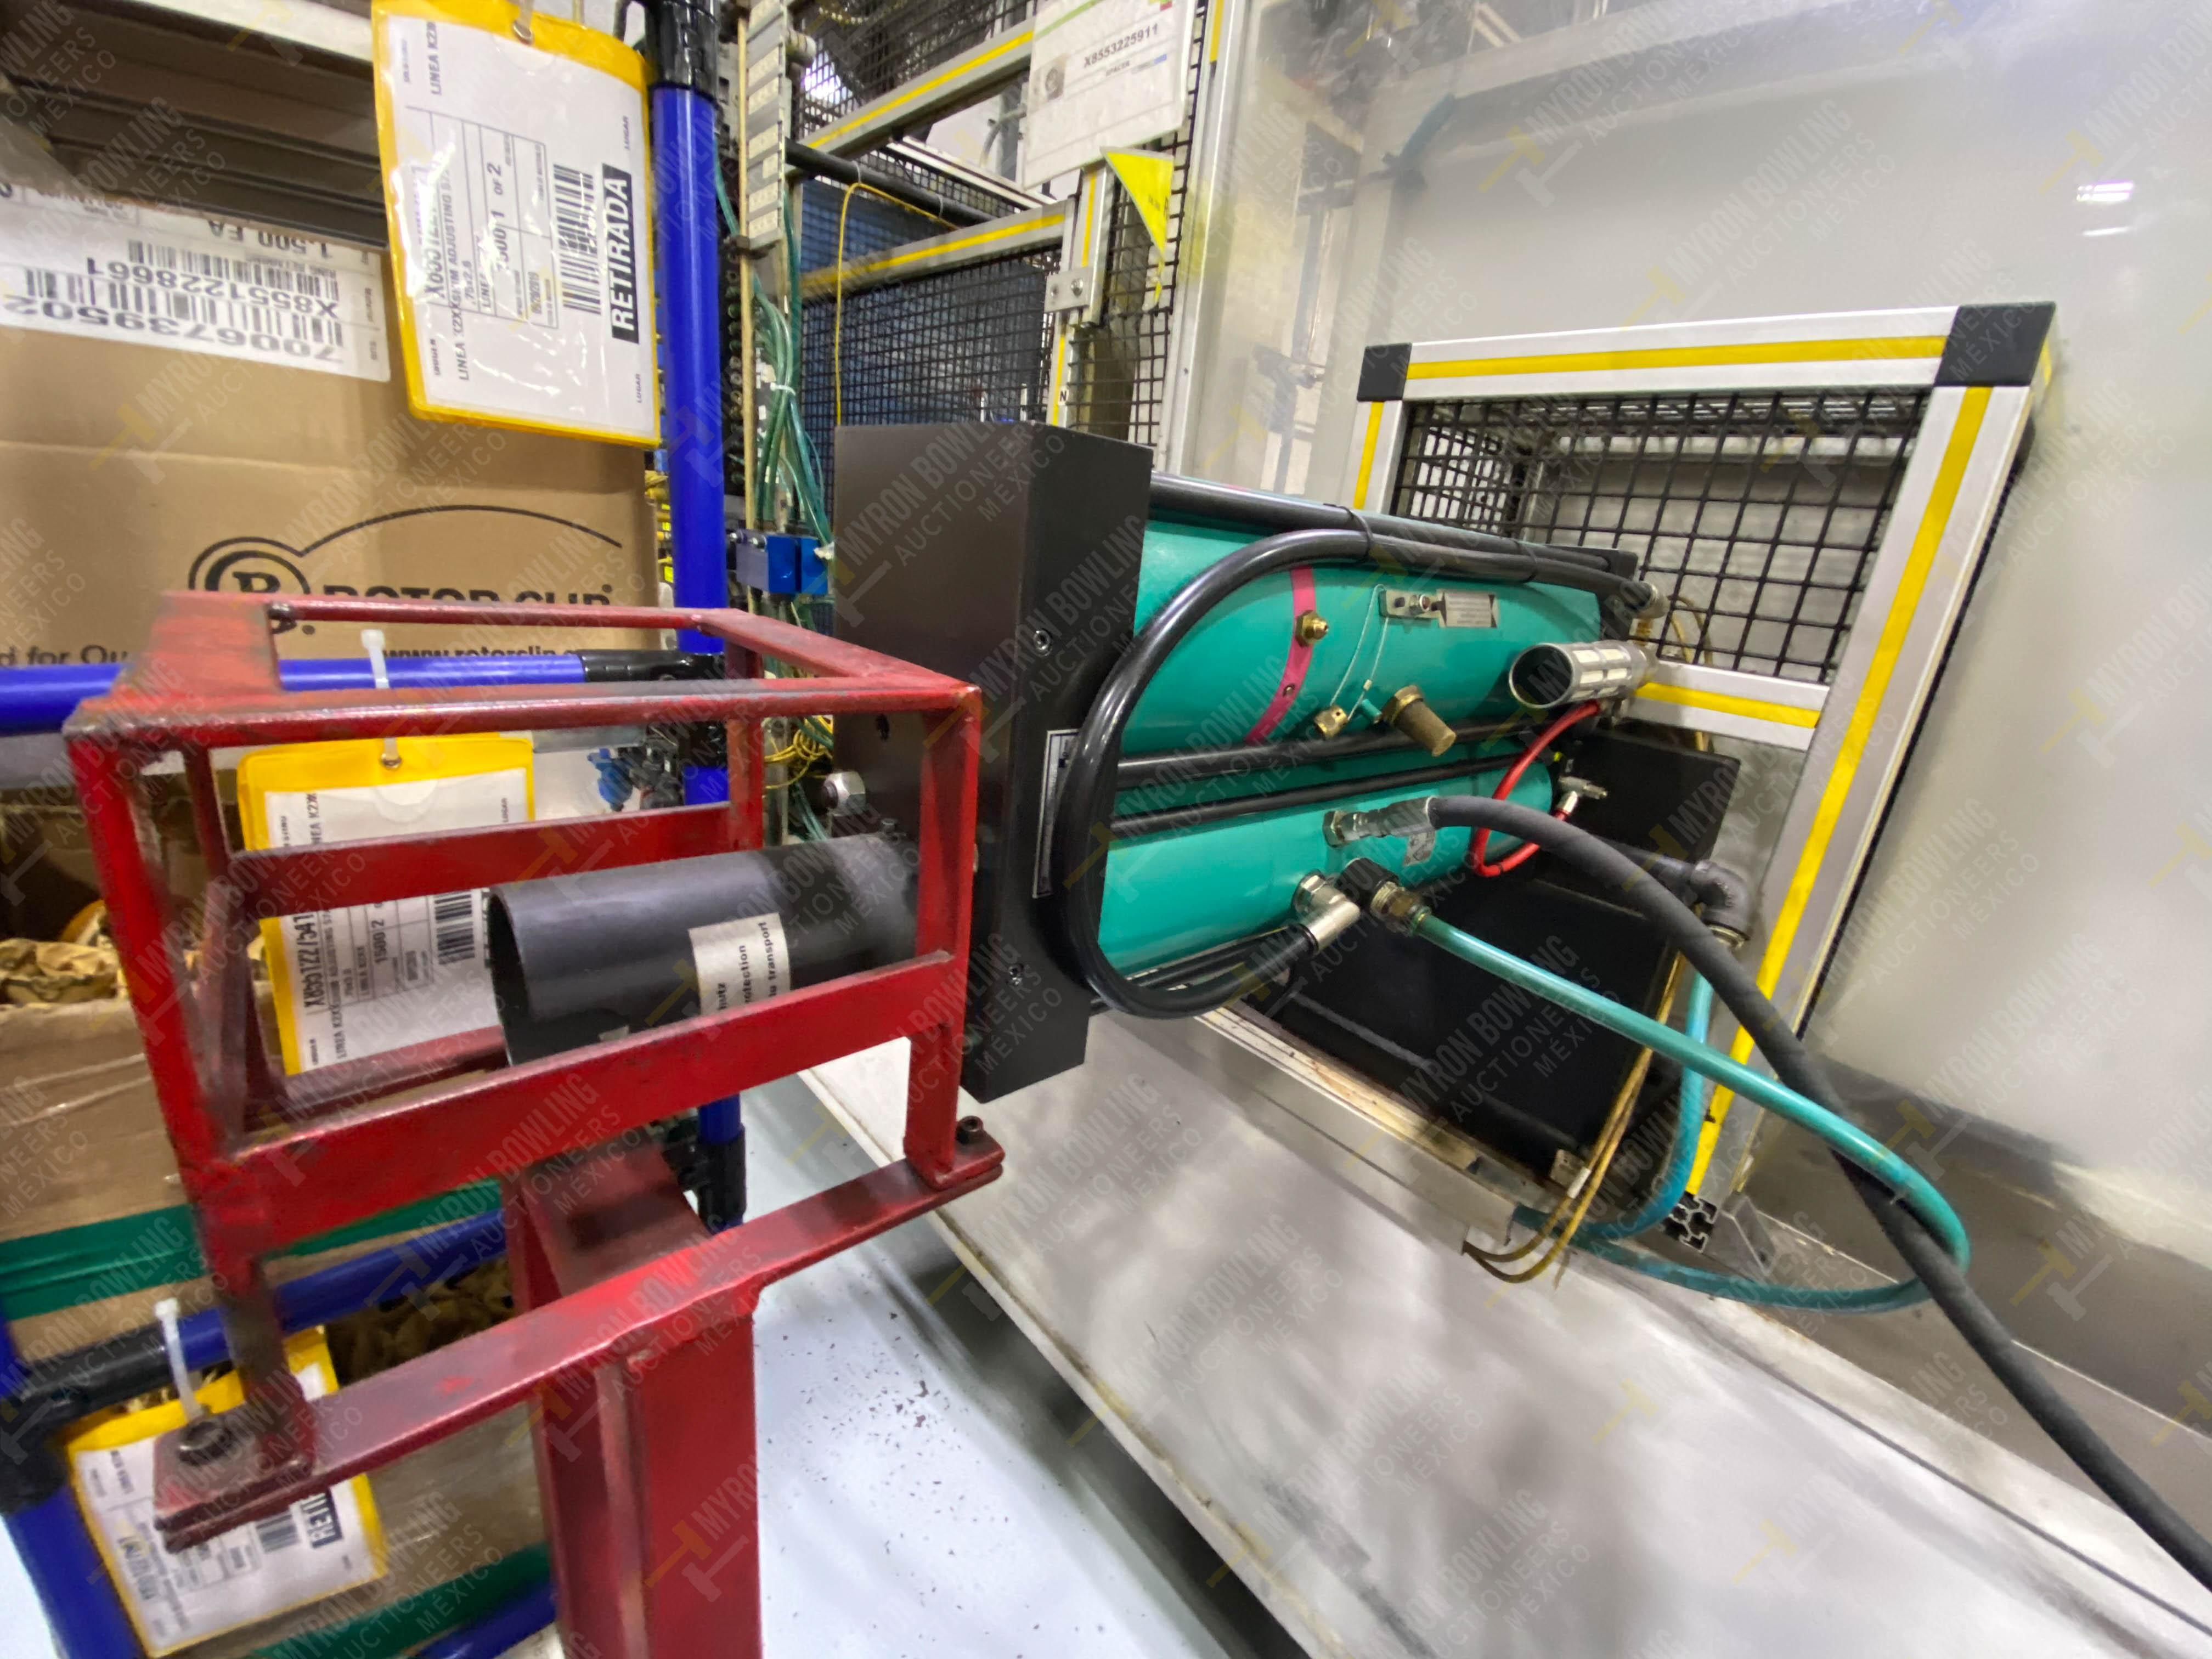 Estación semiautomática para operación 265A y 265B de ensamble de resorte, candado y ponchado - Image 8 of 30